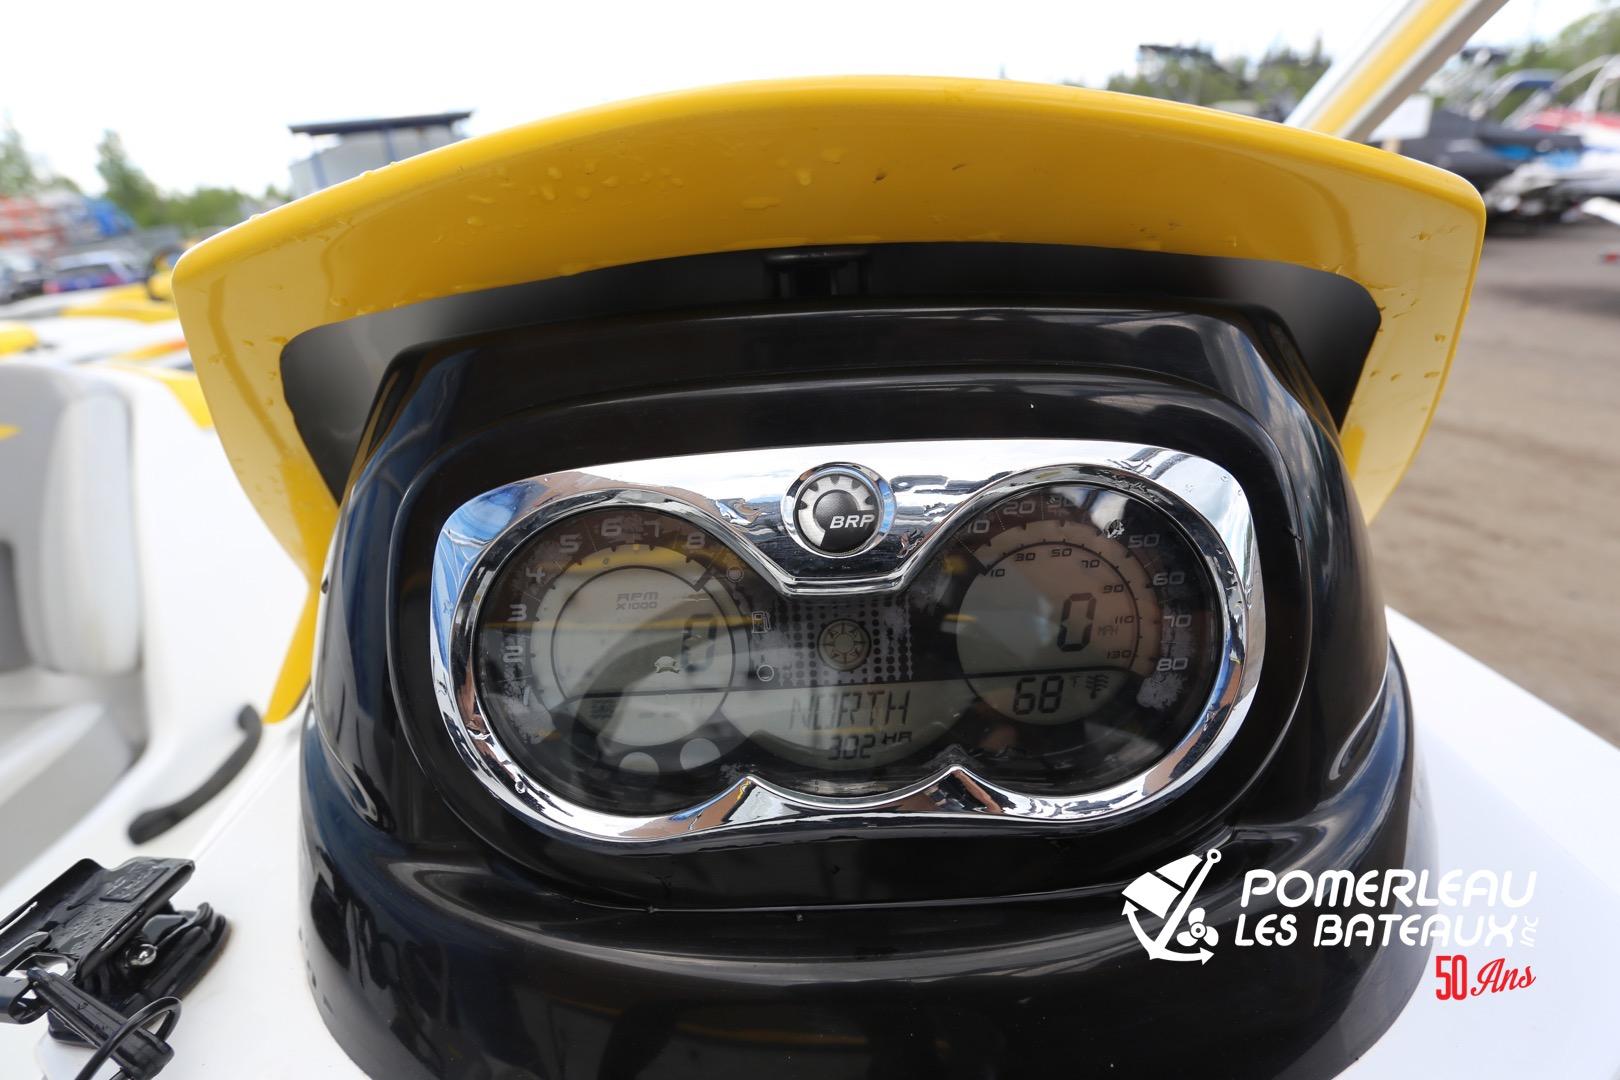 Sea-Doo/BRP Speedster 150 - IMG_3801